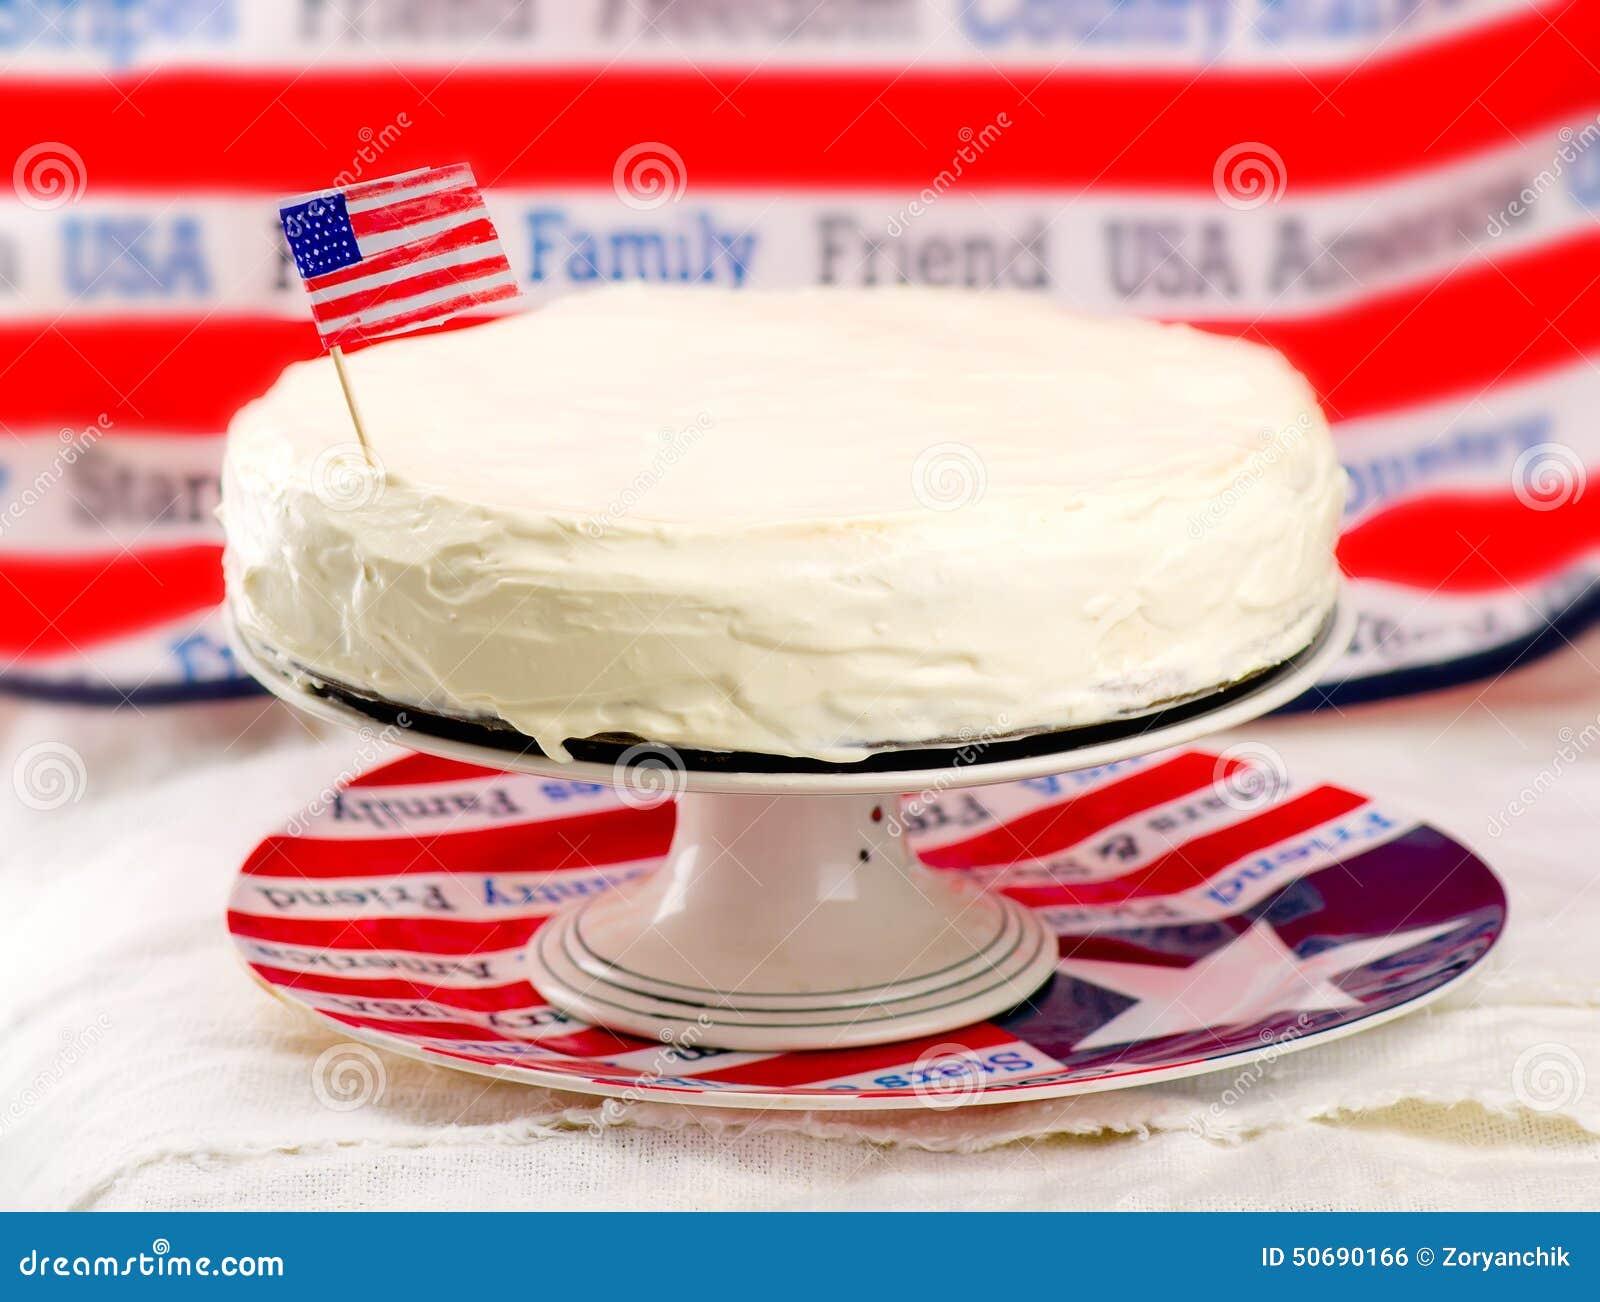 Download 古典纽约乳酪蛋糕 库存照片. 图片 包括有 熟食, 片式, 特写镜头, 美食, 奶油, 蛋糕, 剪切, 约克 - 50690166